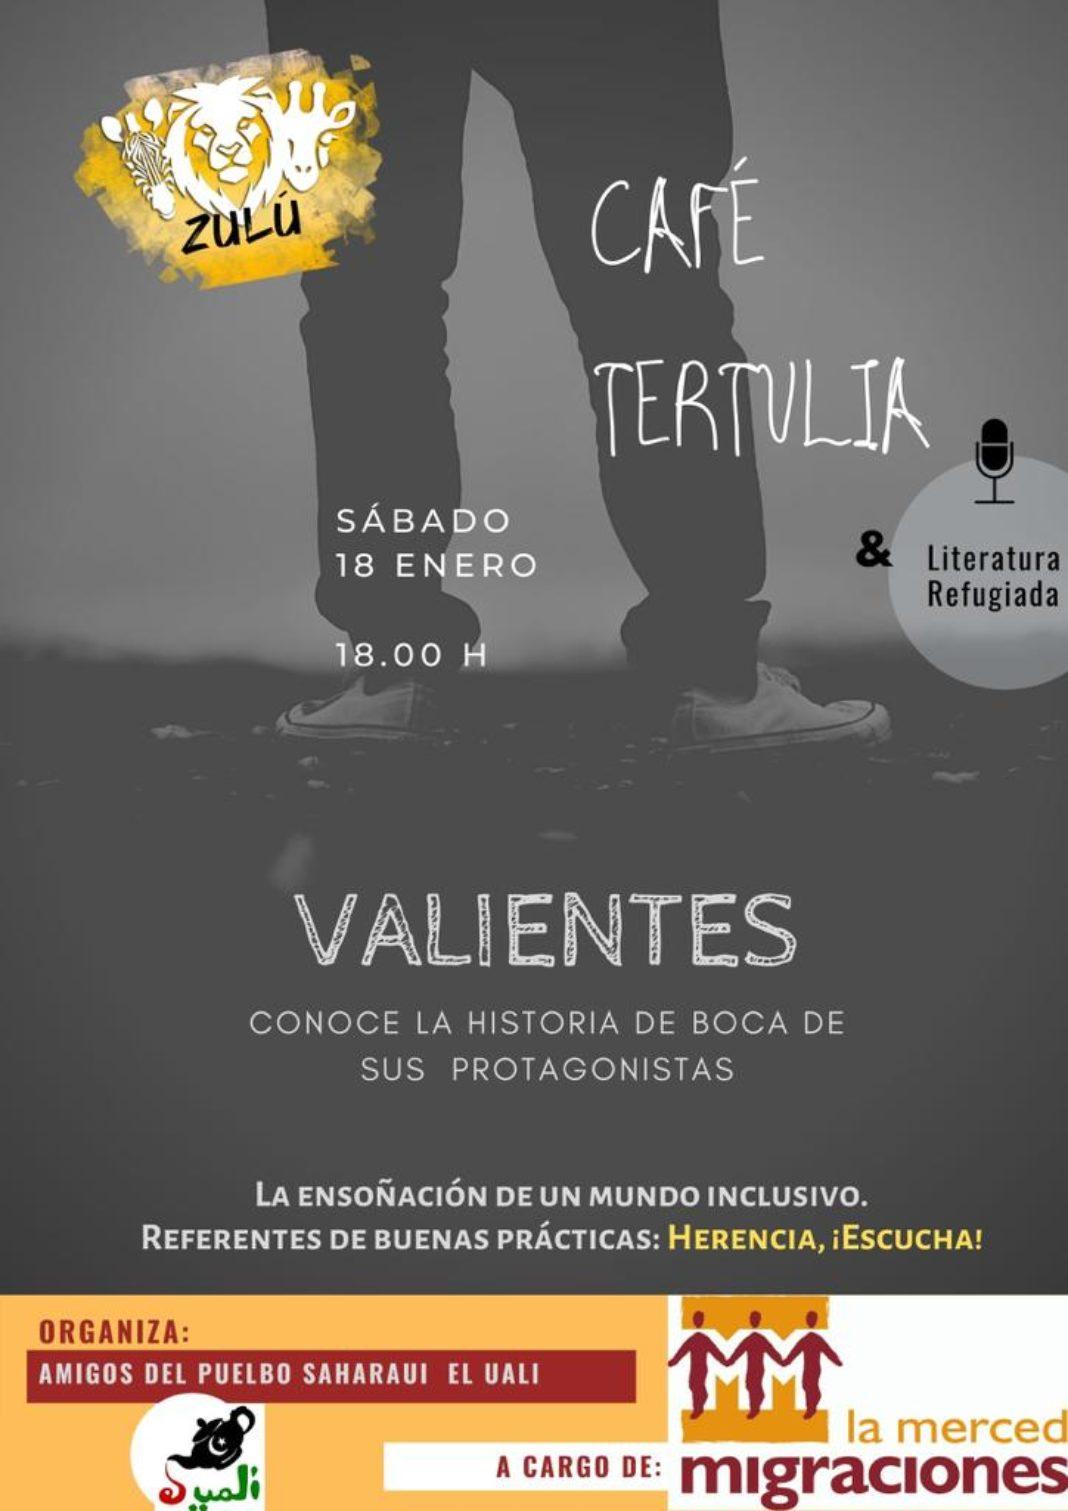 """Café tertulia Valientes refugiados 1068x1511 - """"Valientes"""", café-tertulia sobre personas refugiadas el sábado 18 de enero en Herencia"""